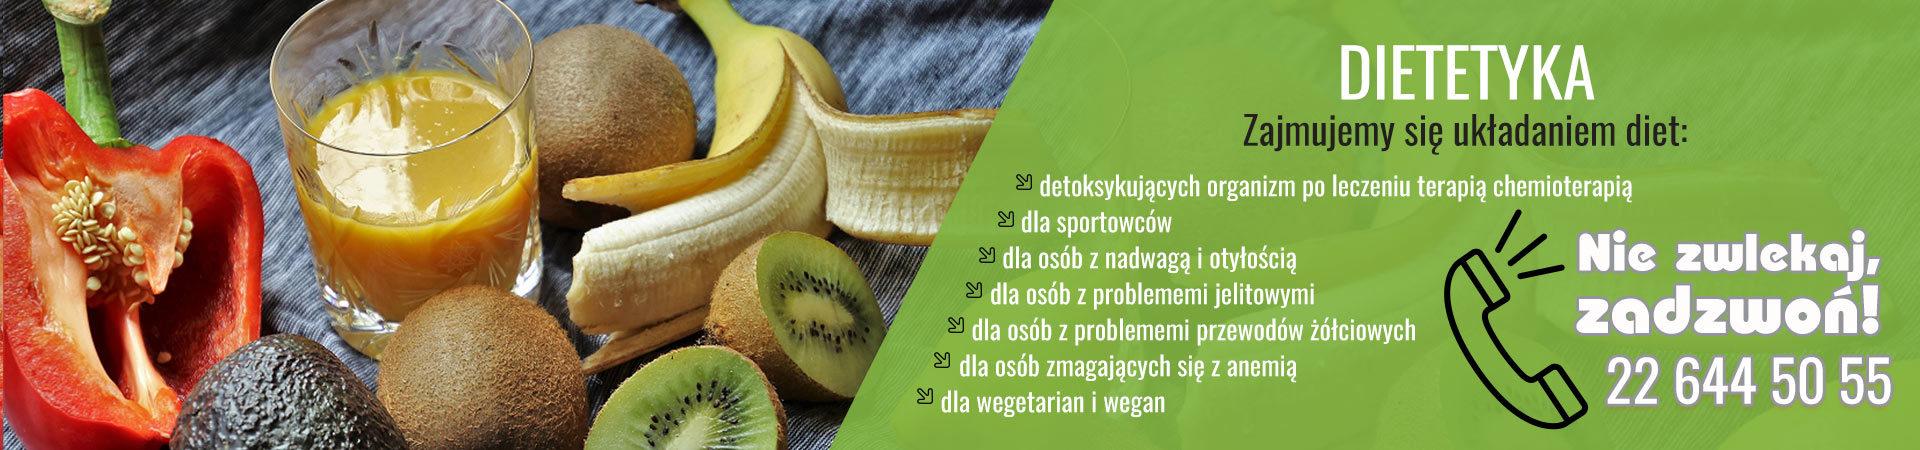 dietetyka-ursynów-dietetyk-natolin-leczenie-otyłości